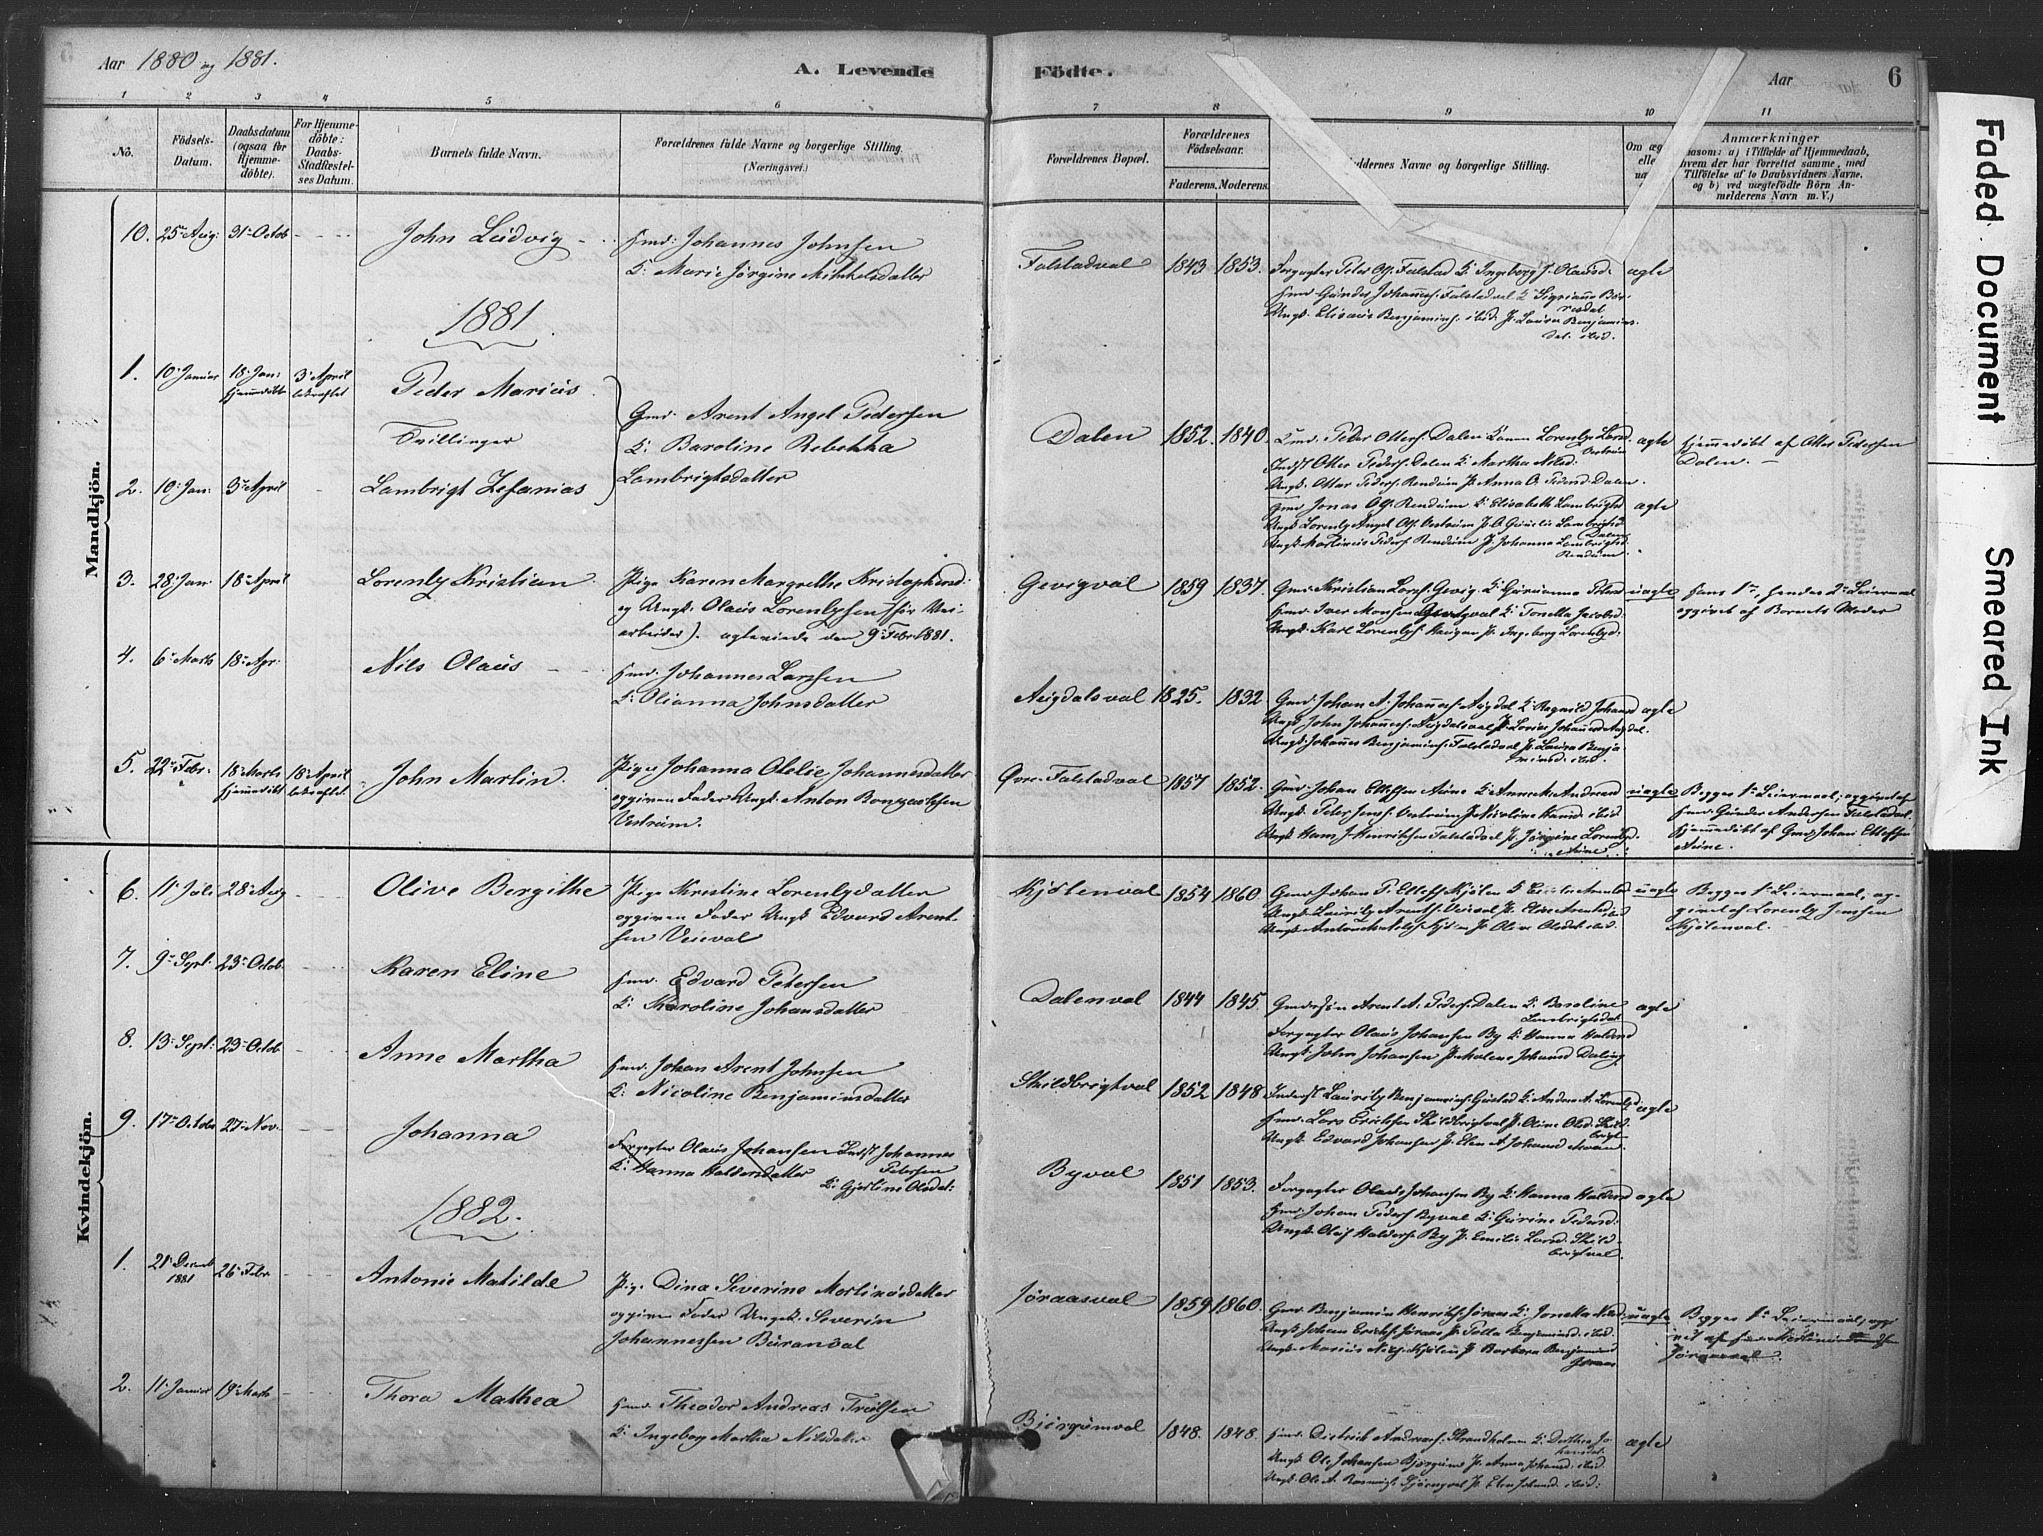 SAT, Ministerialprotokoller, klokkerbøker og fødselsregistre - Nord-Trøndelag, 719/L0178: Ministerialbok nr. 719A01, 1878-1900, s. 6